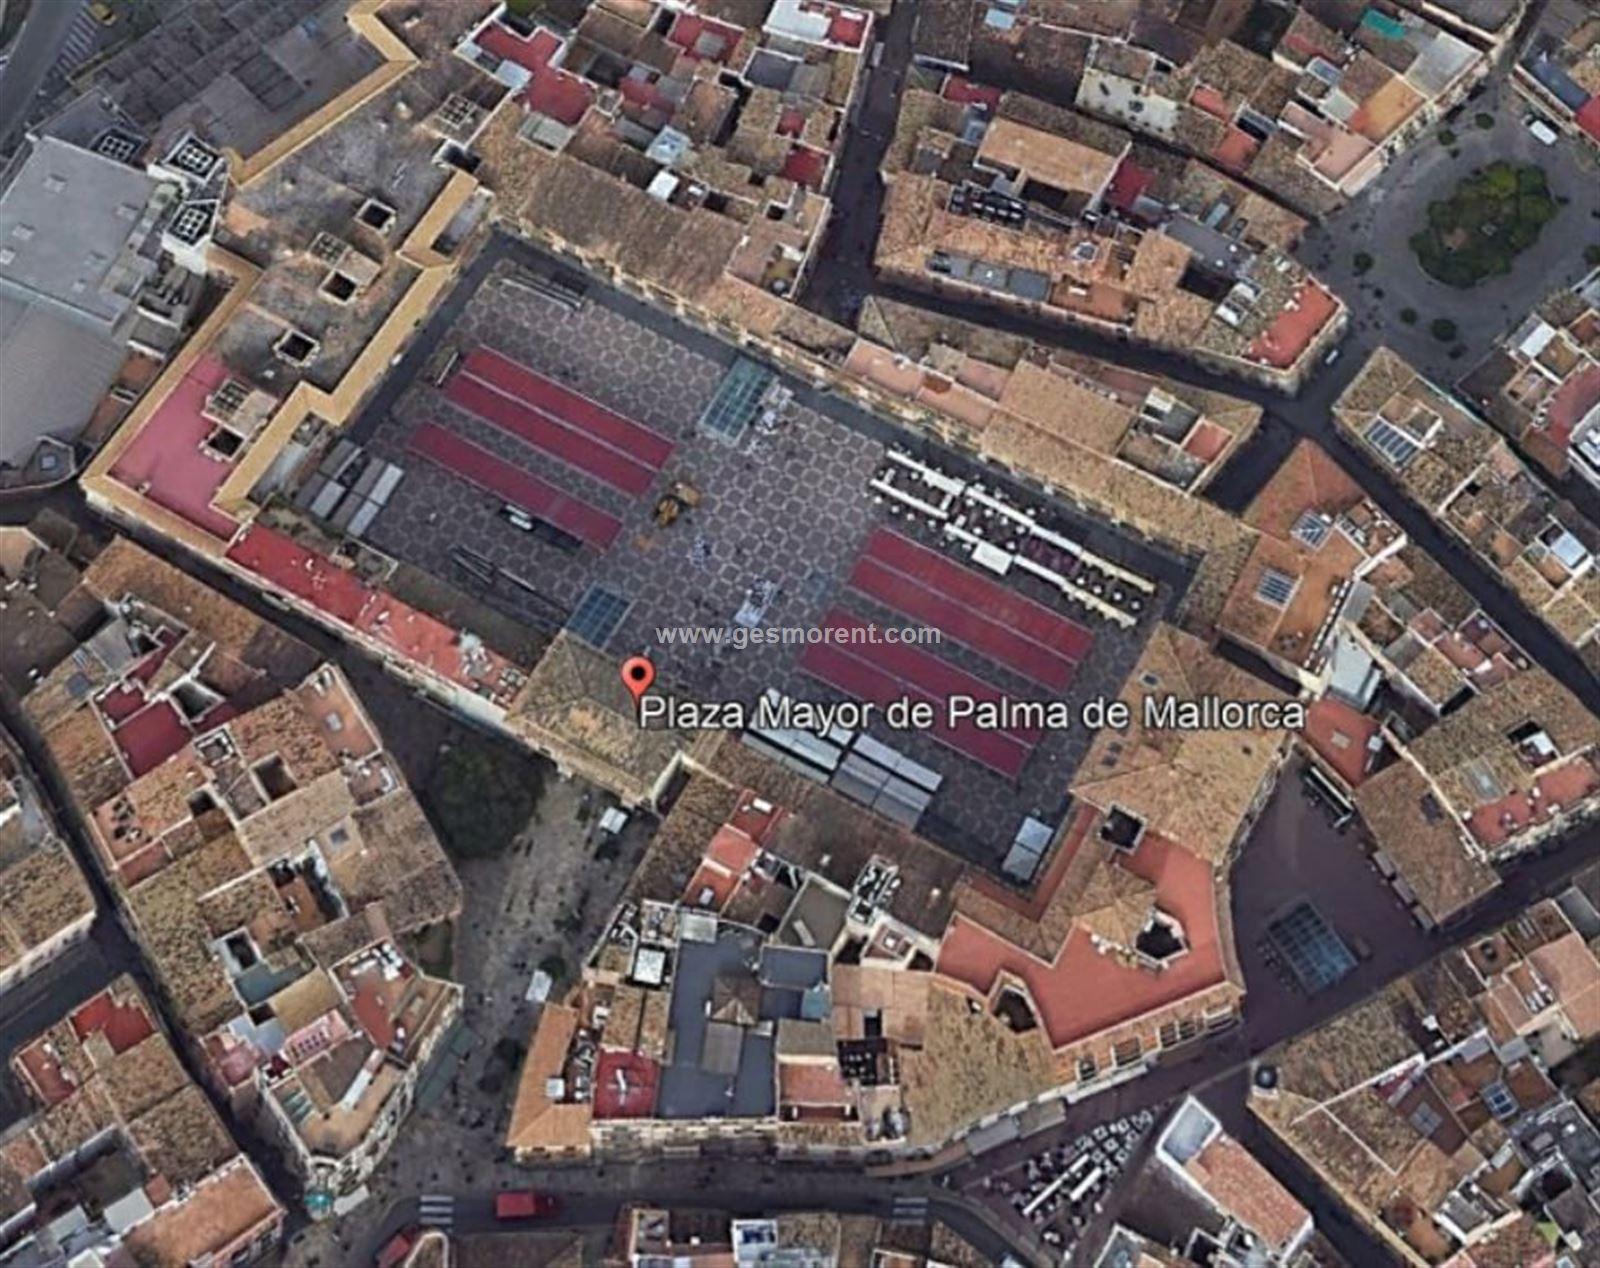 Traspaso Local Comercial  Palma de mallorca - centro. Local comercial en traspaso